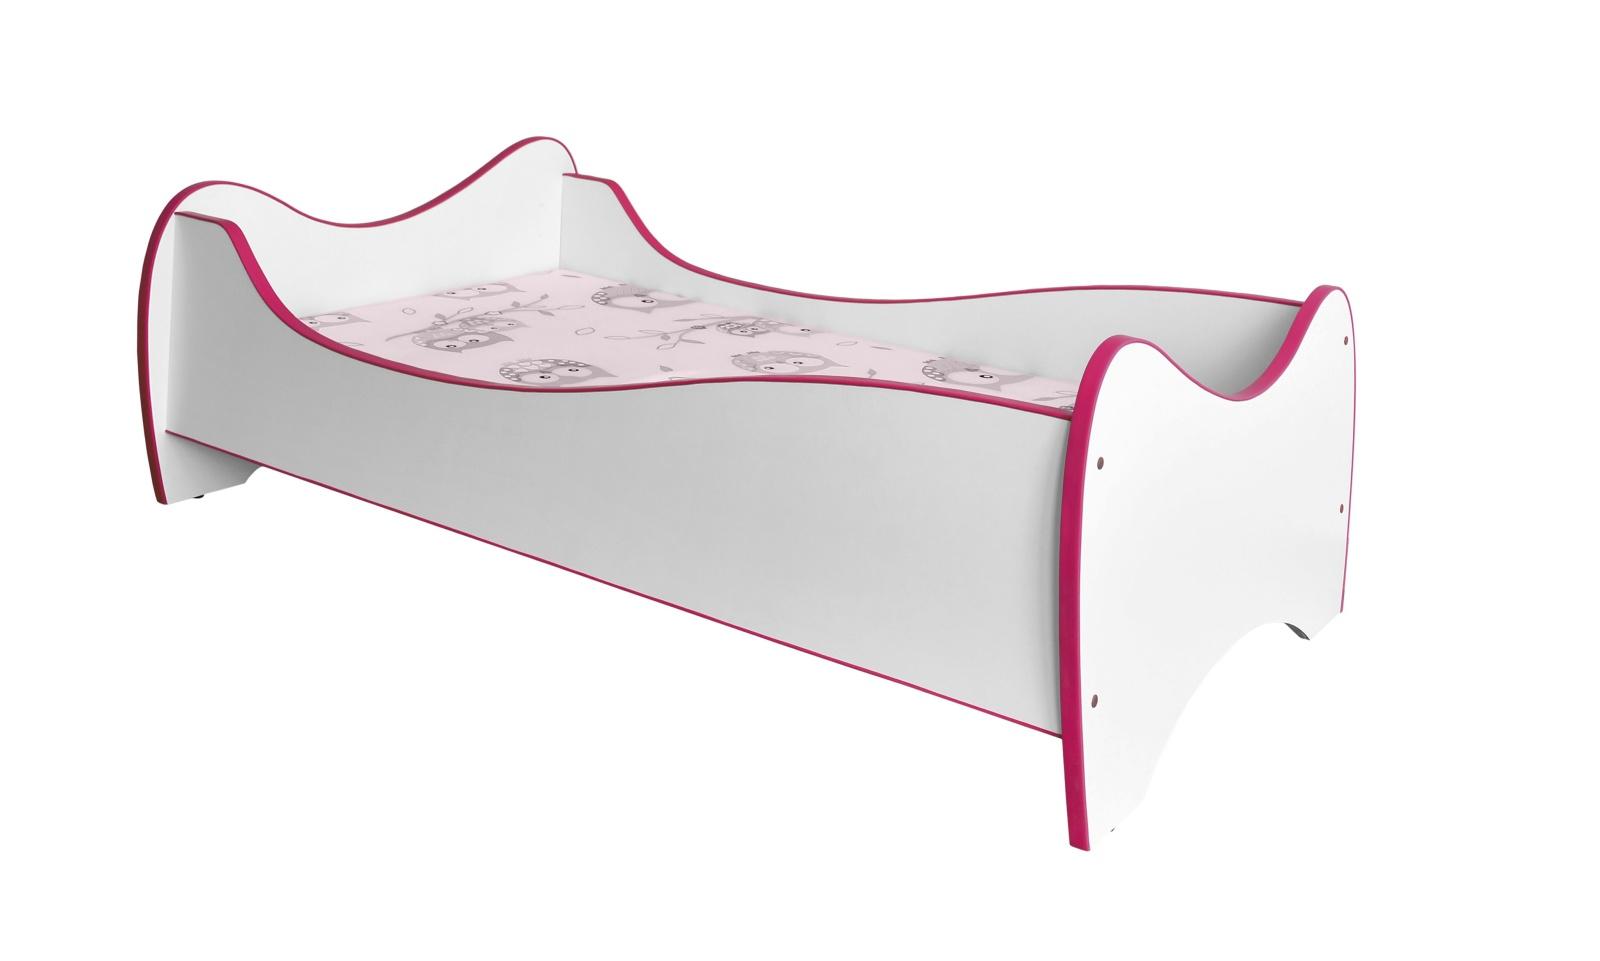 Dětská postel DUO, bílá/růžová